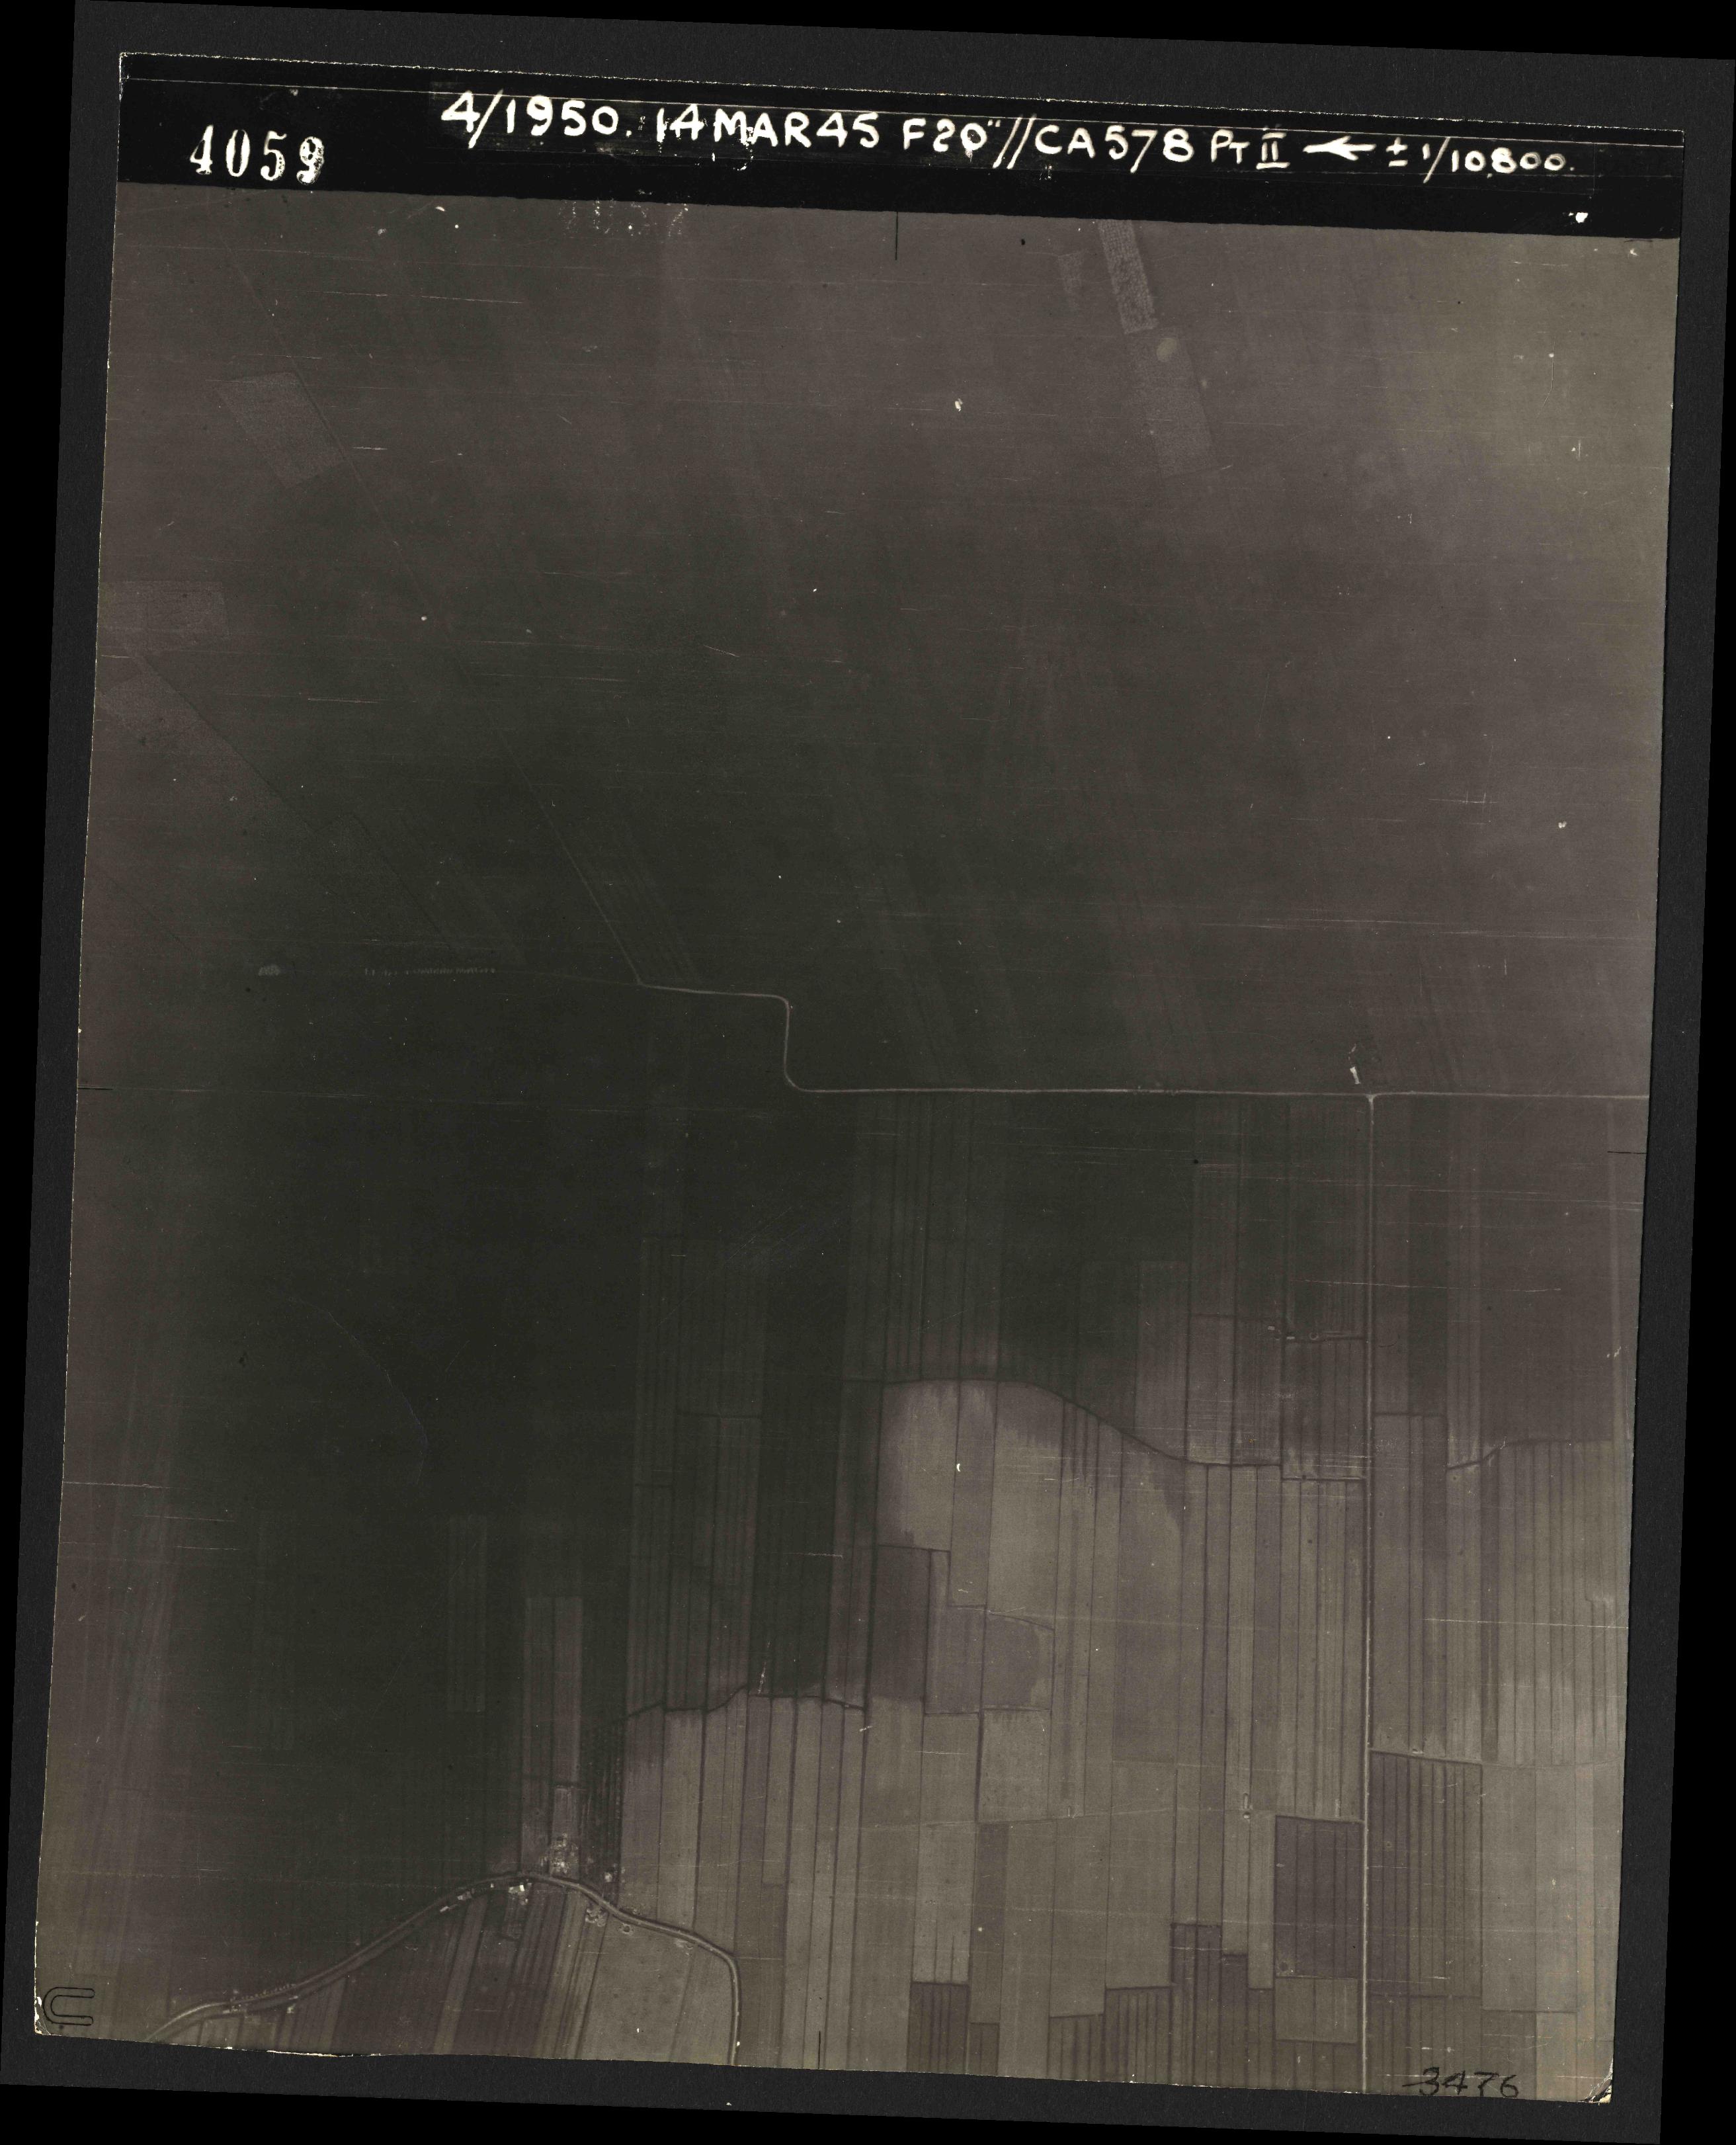 Collection RAF aerial photos 1940-1945 - flight 010, run 05, photo 4059